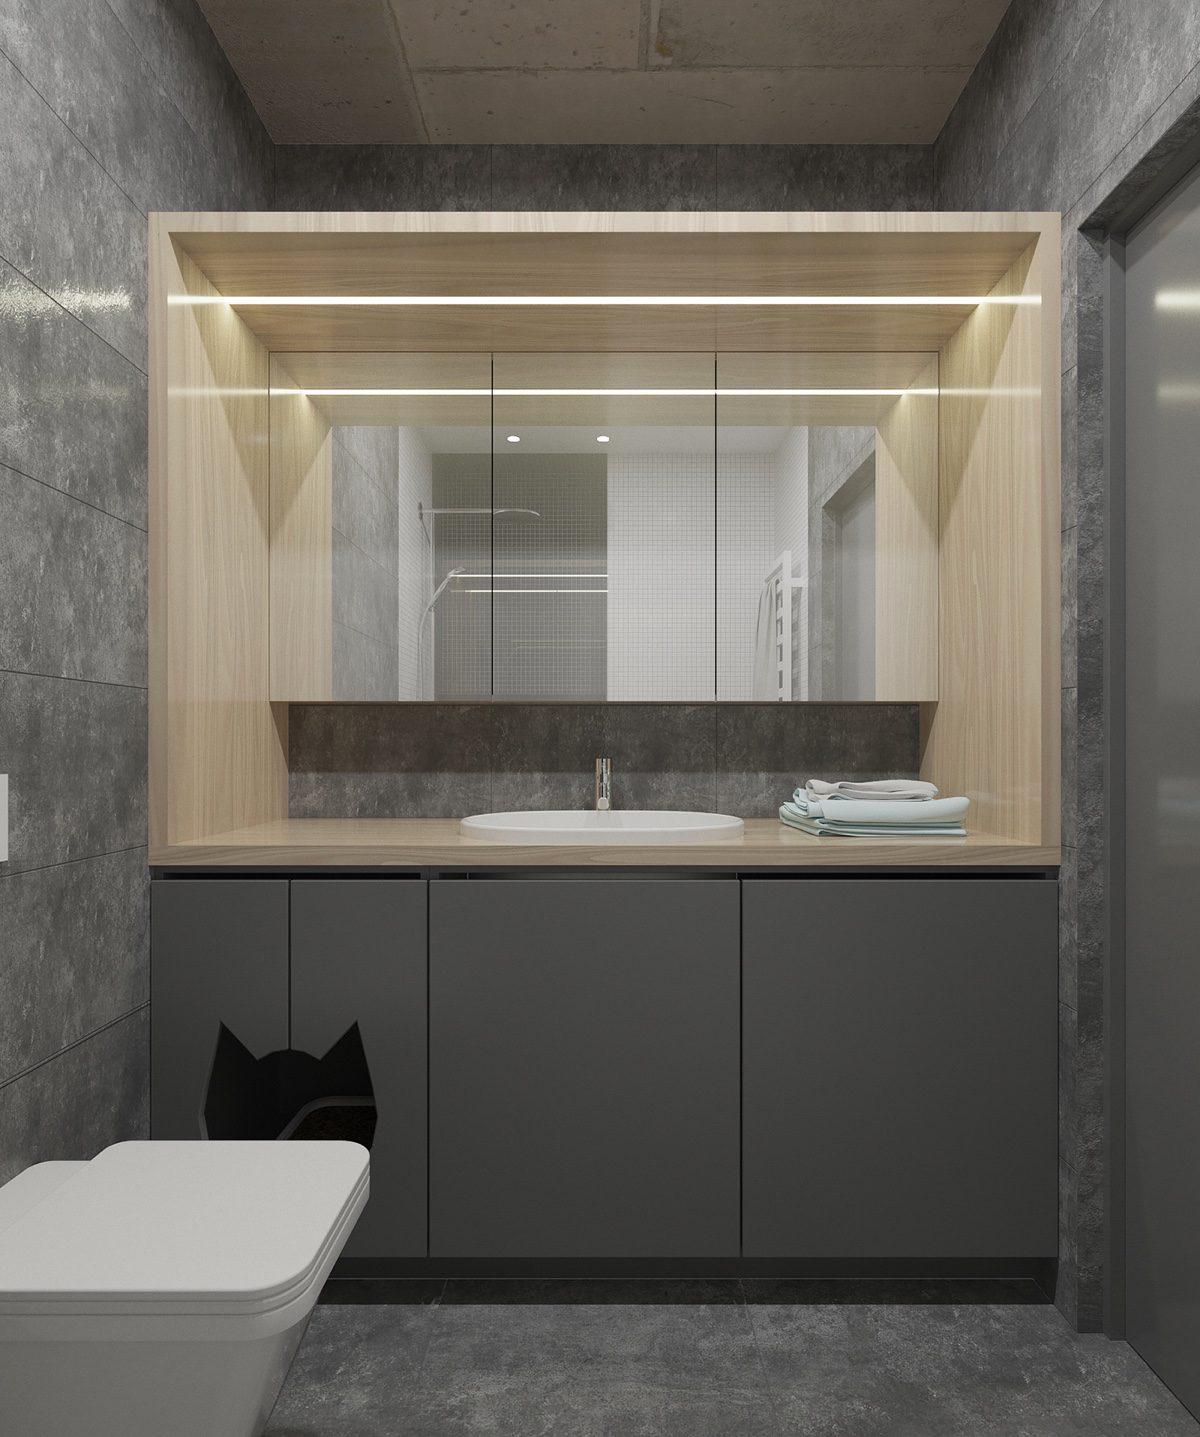 Стильные однокомнатные квартиры открытого плана: фотообзор